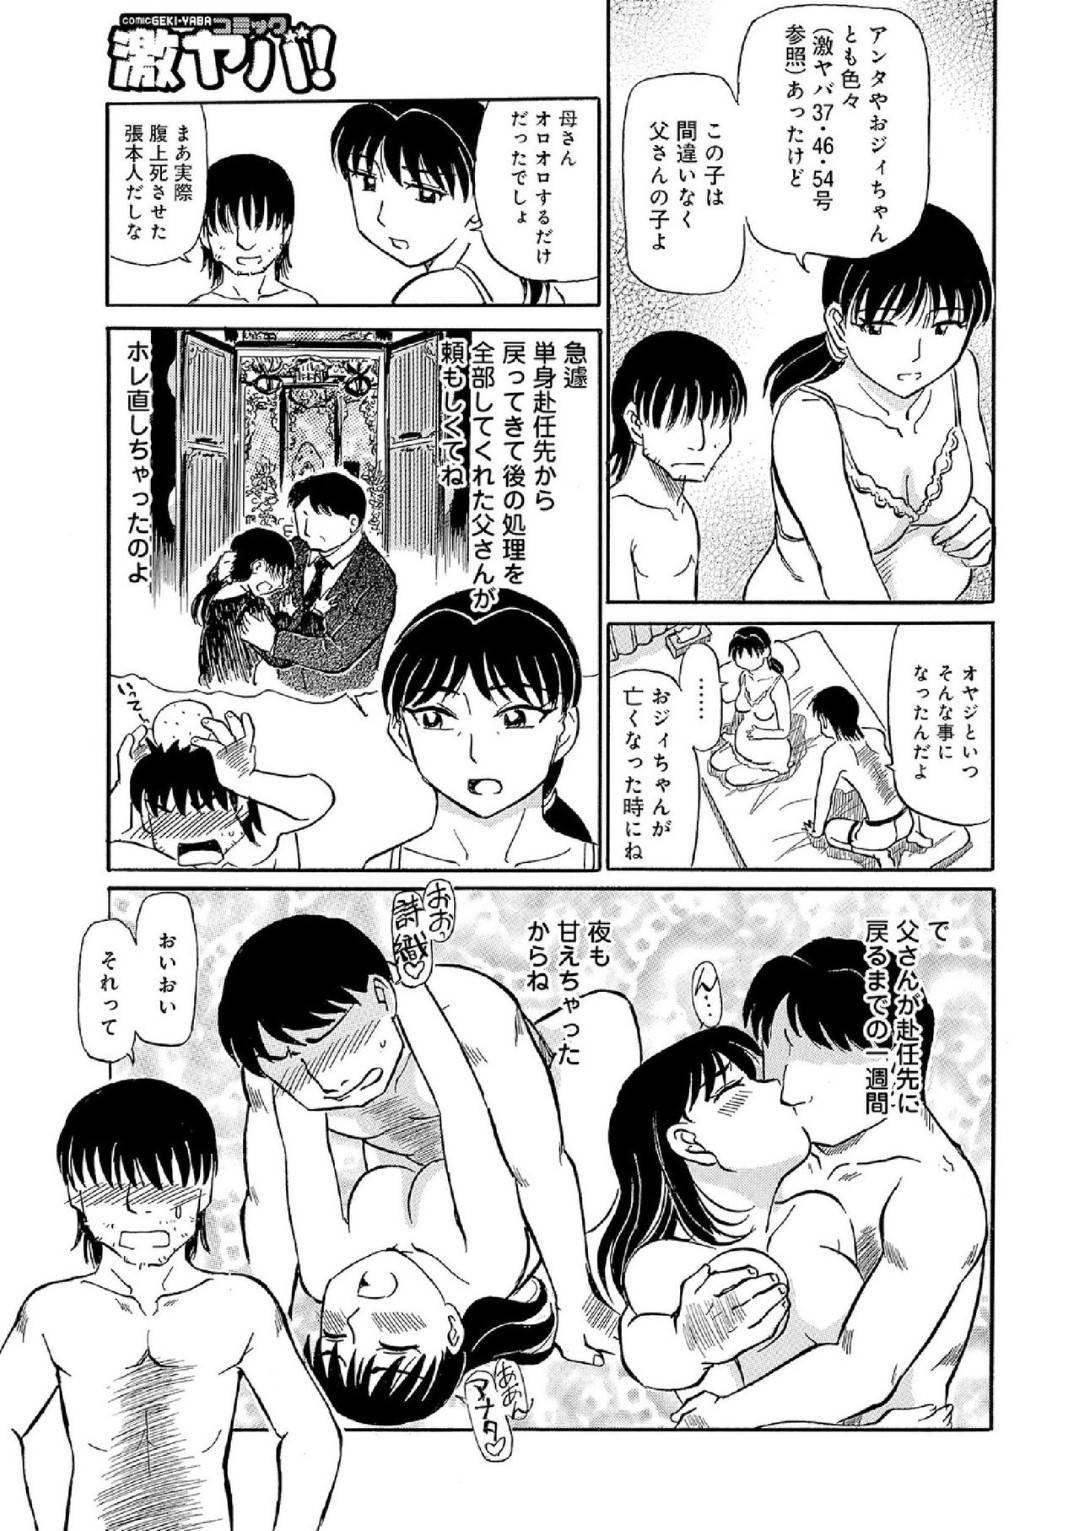 【エロ漫画】妊婦母のお使いを頼んだ息子にお礼のフェラチオ&本番中出しセックスのタブー関係【ふじさわたつろー/妊婦母、詩織いただきます】